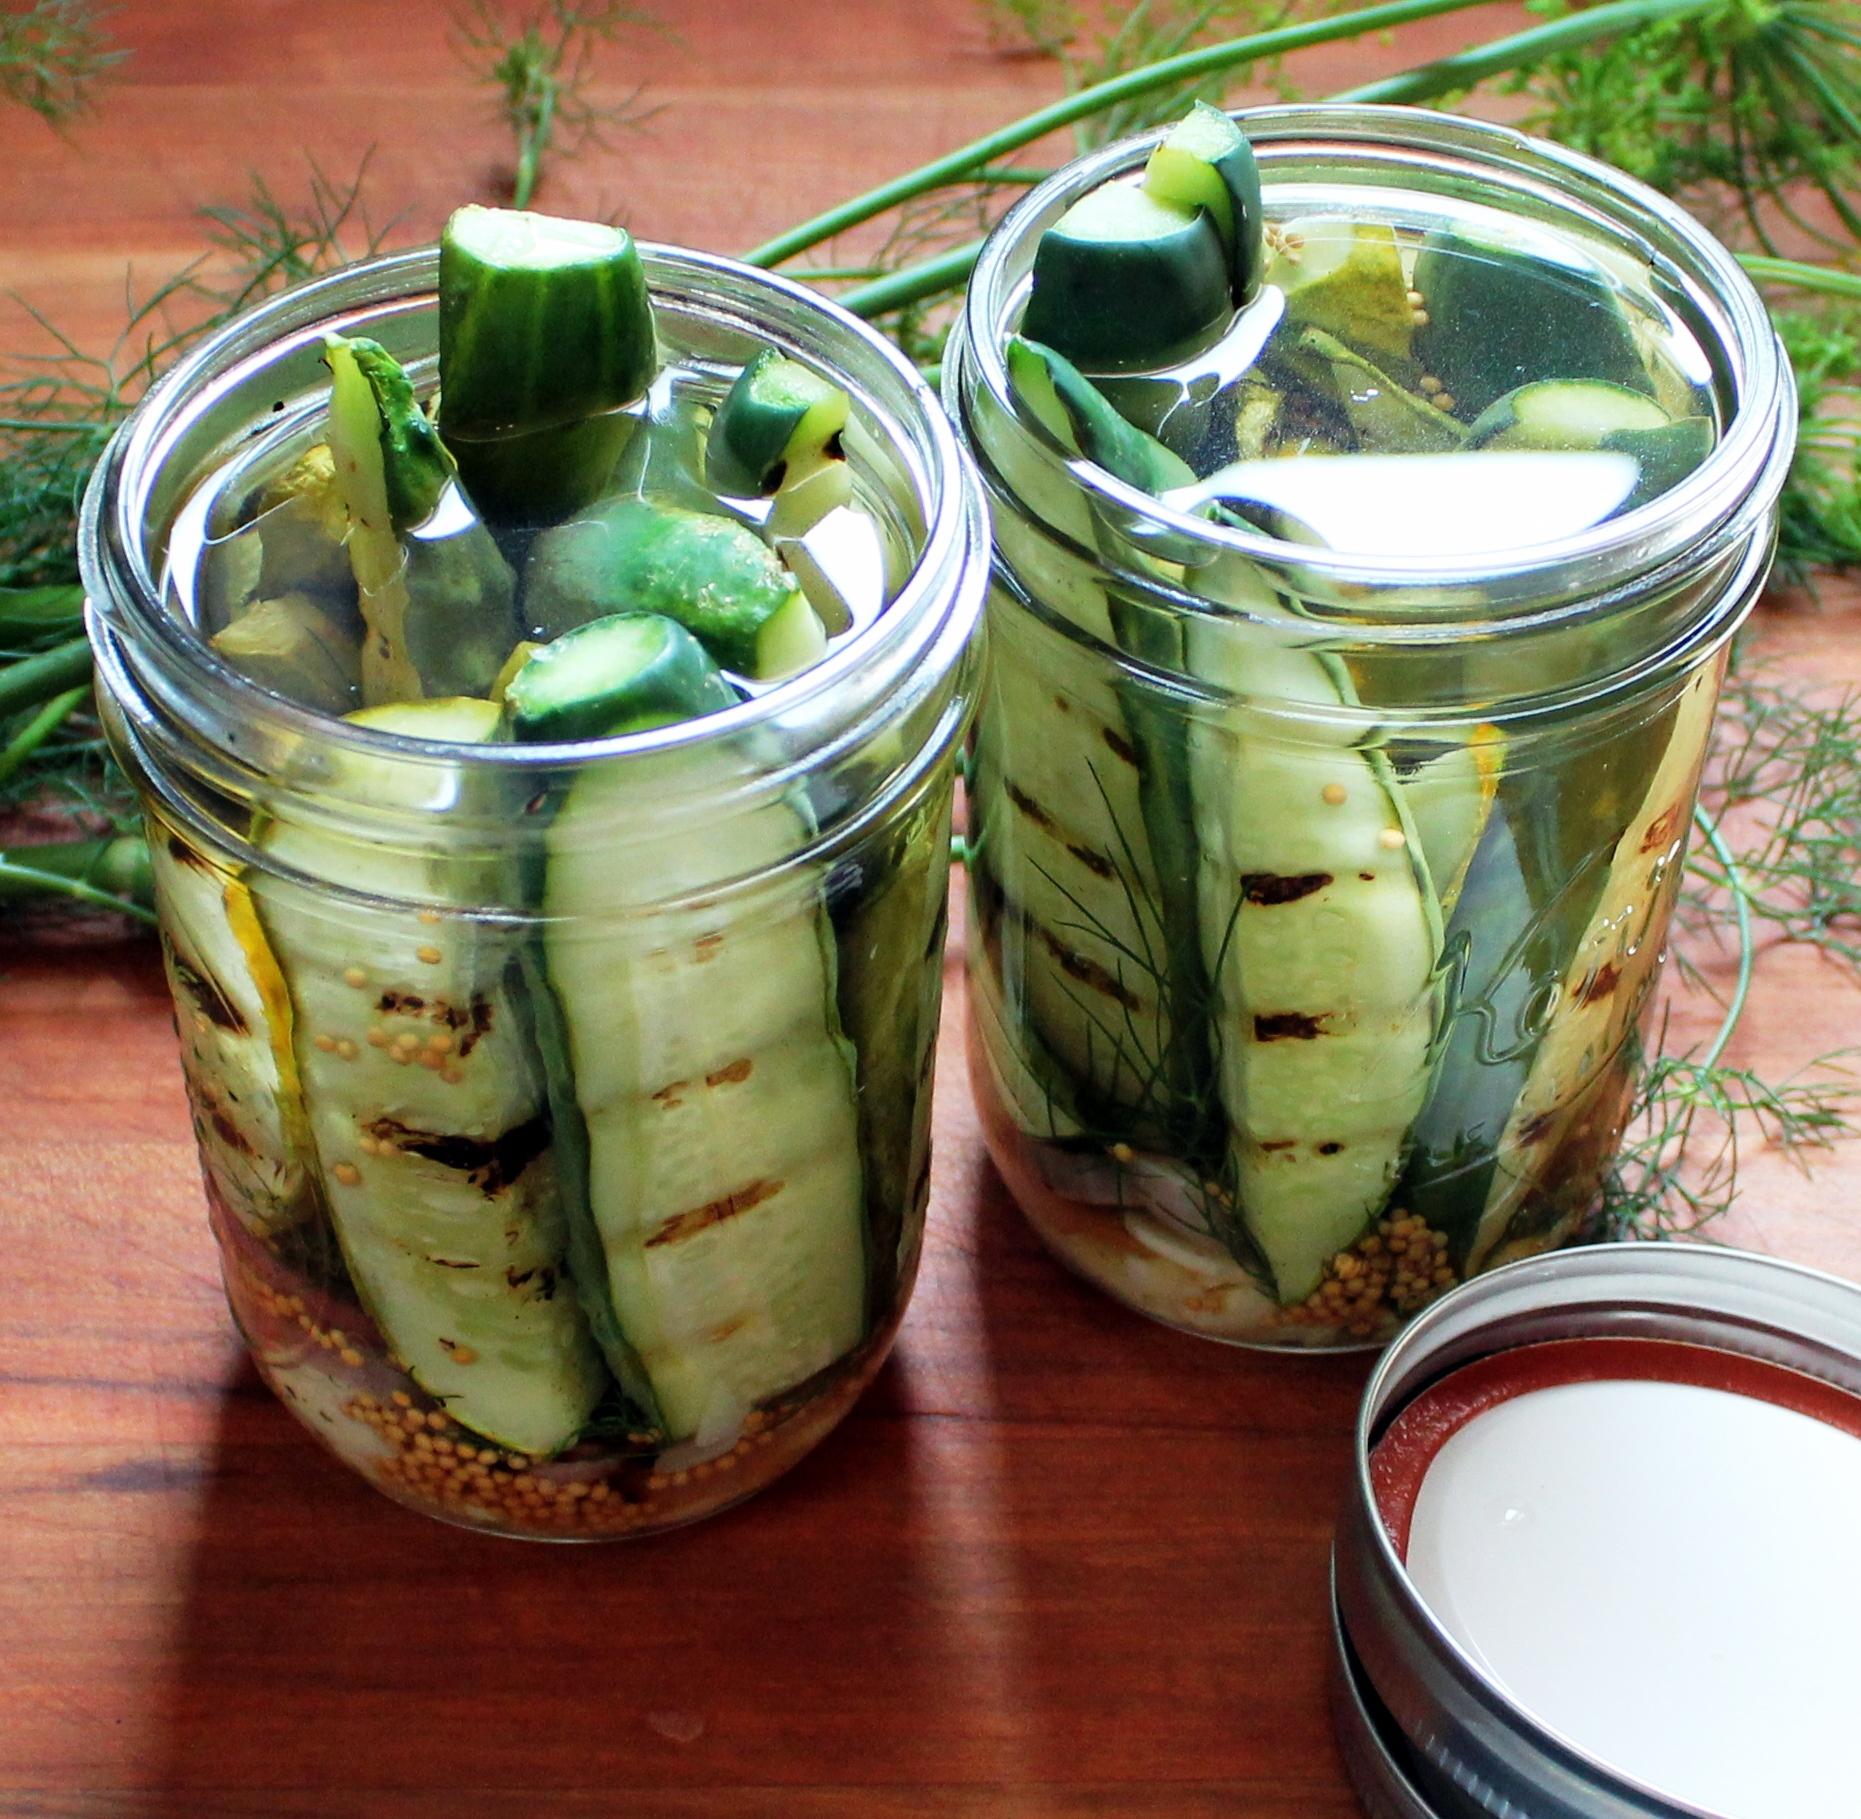 Summer Grilling - Pickles